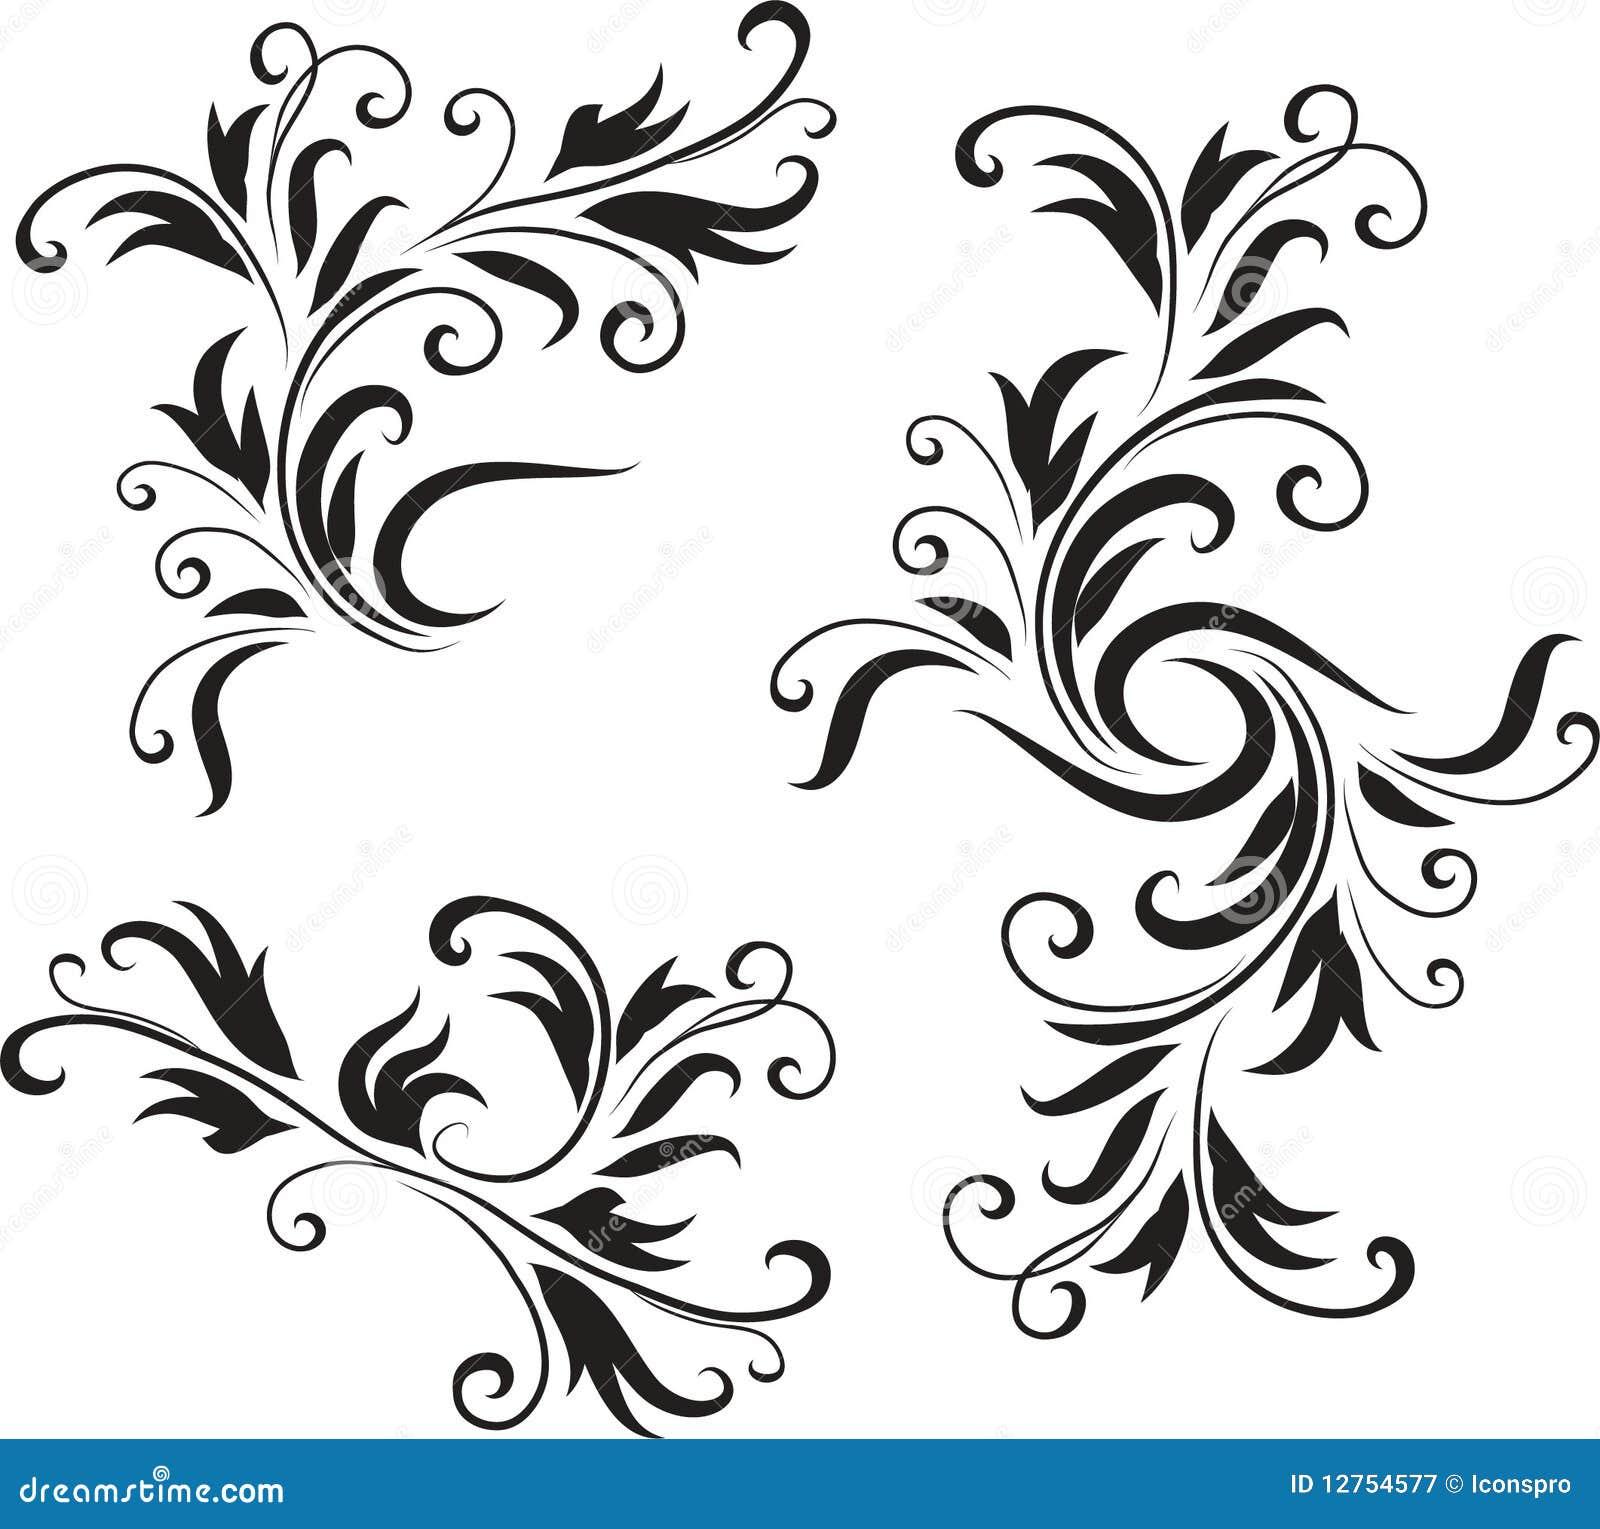 Disegno Astratto Bianco E Nero Da Colorare Migliori Pagine Da